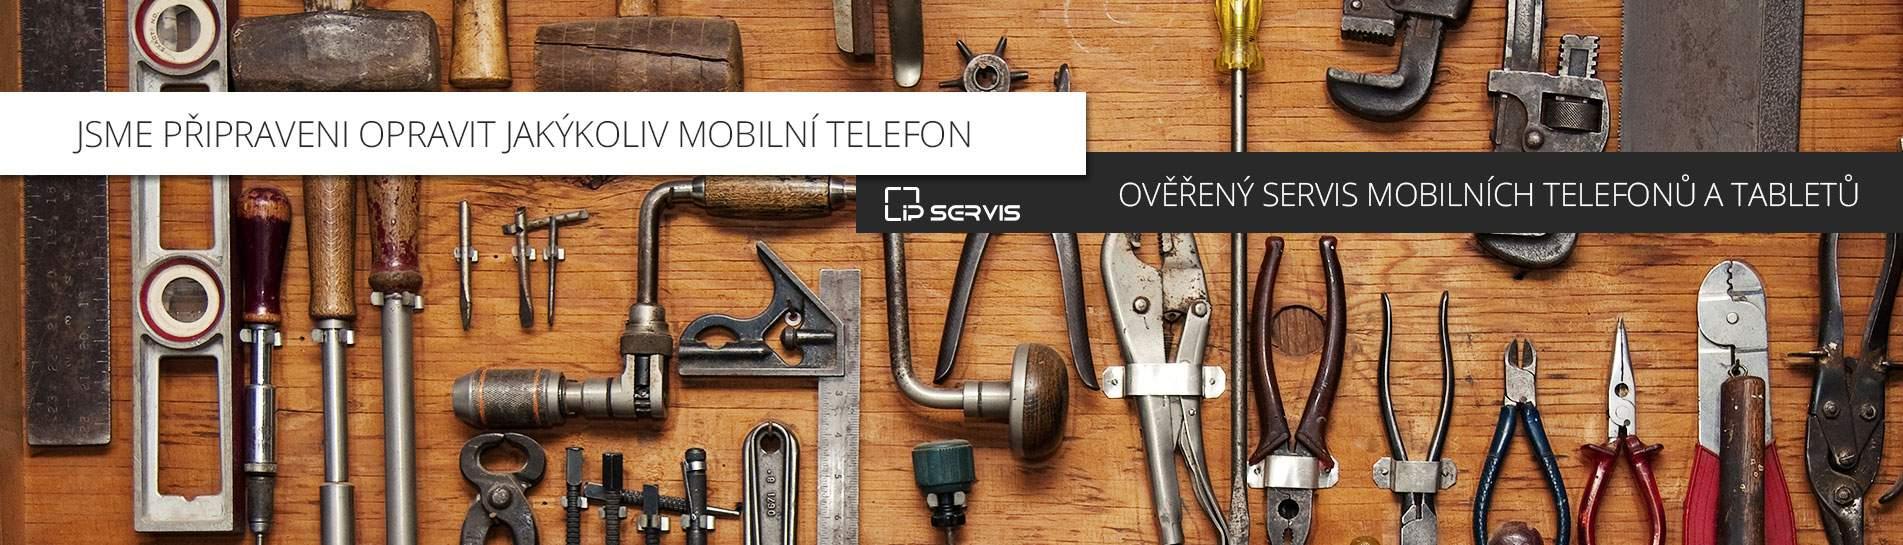 Oprava mobilních telefonů